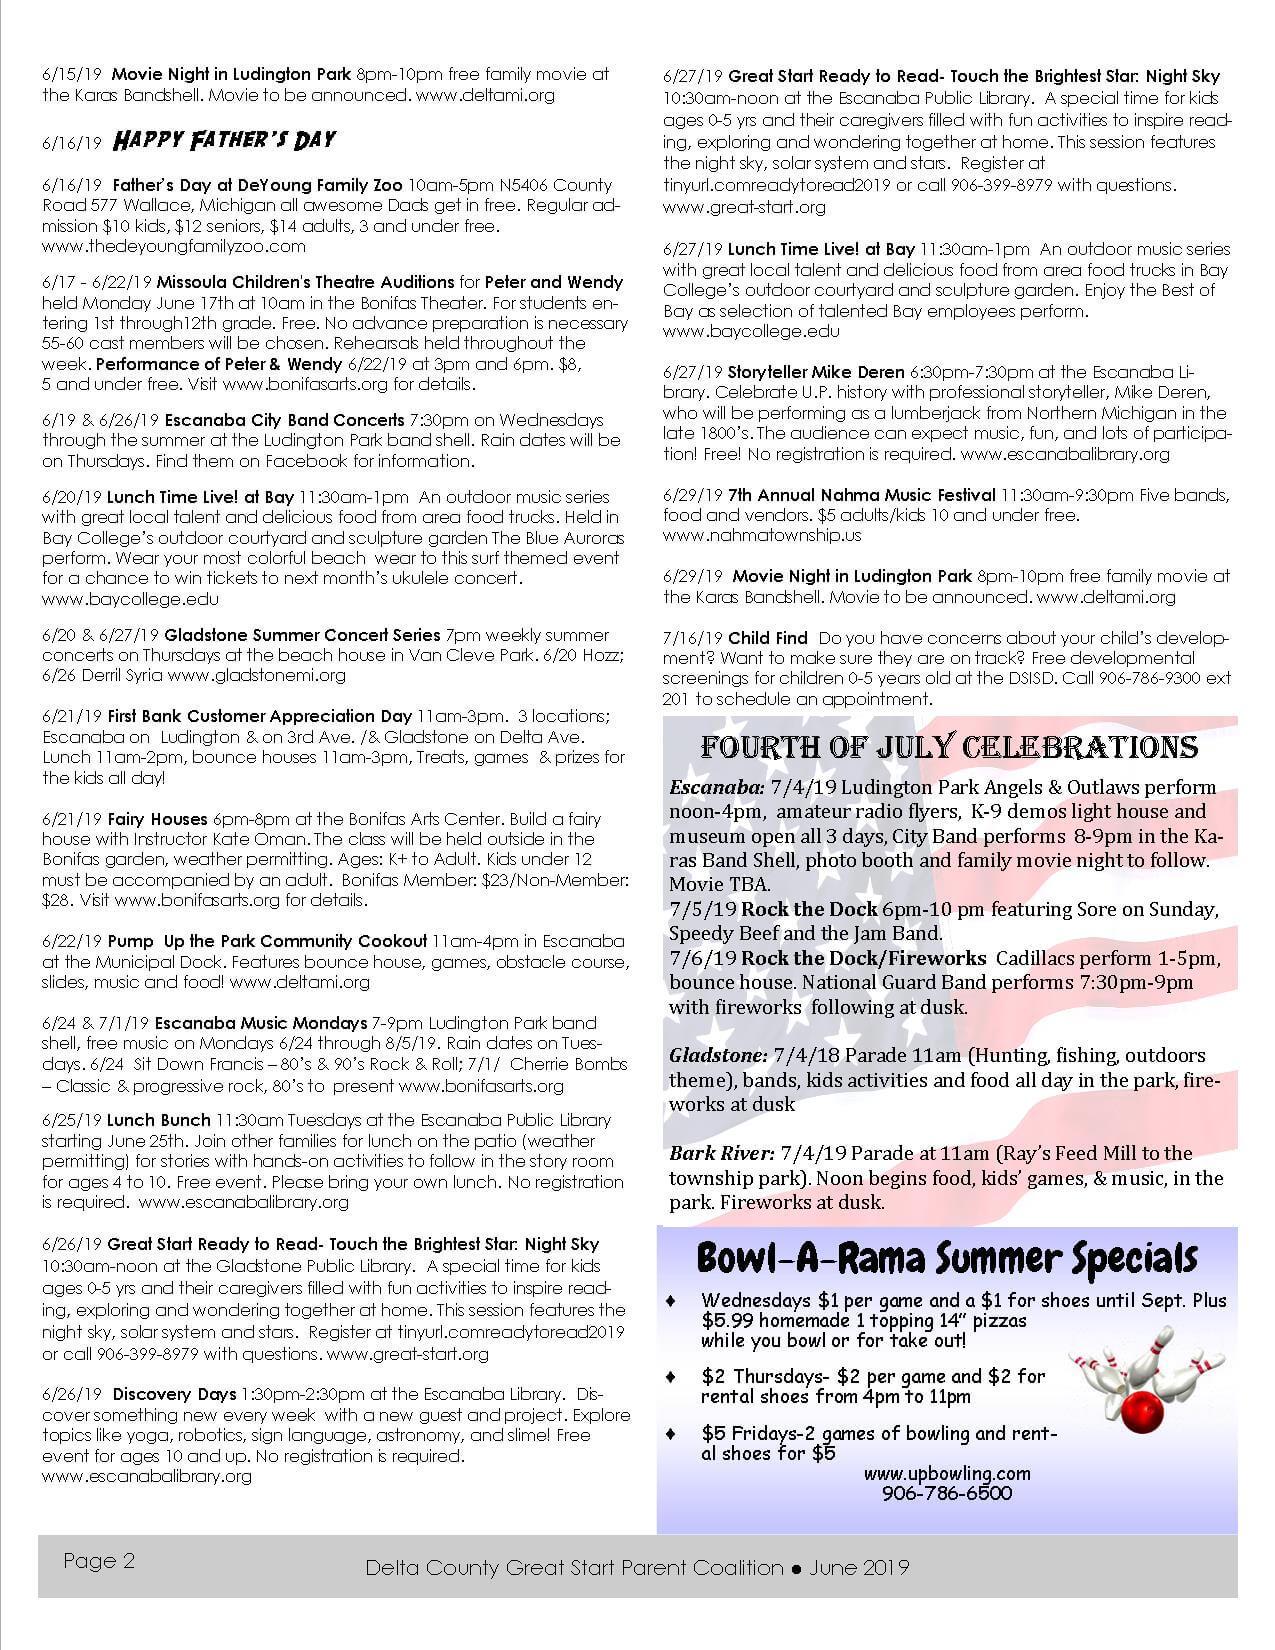 PG 2 June newsletter